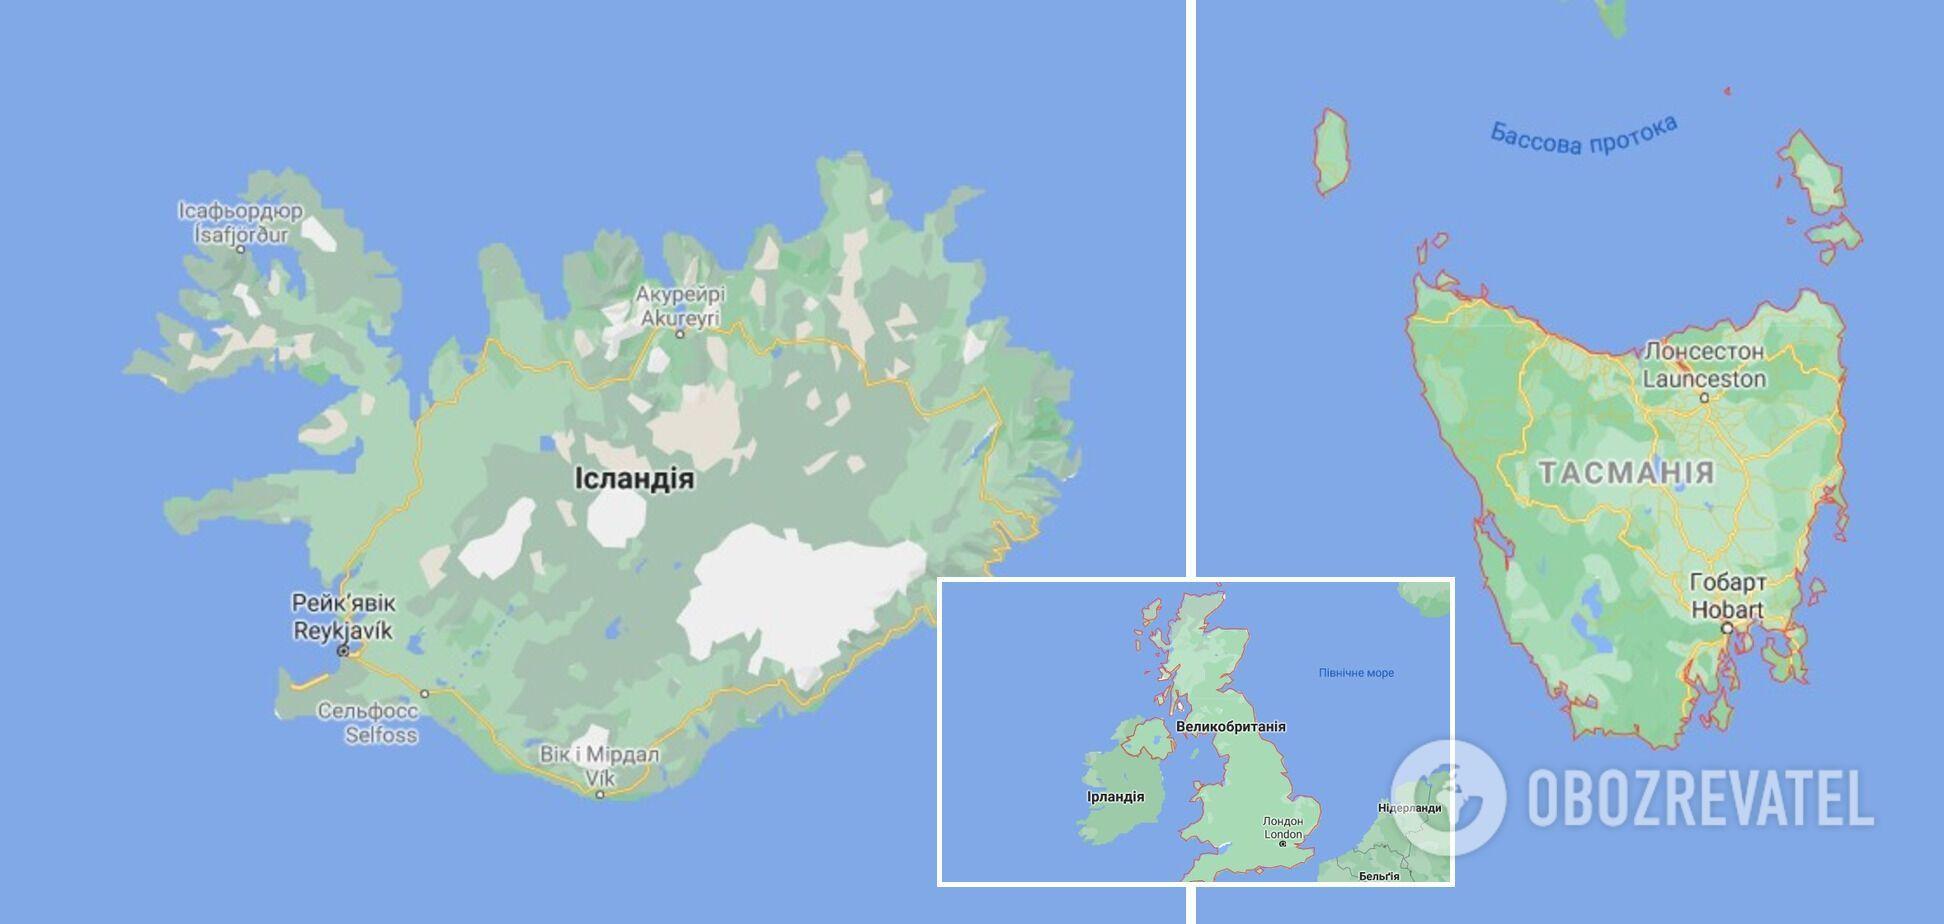 Ісландія, Ірландія й Тасманія теж увійшли до списку